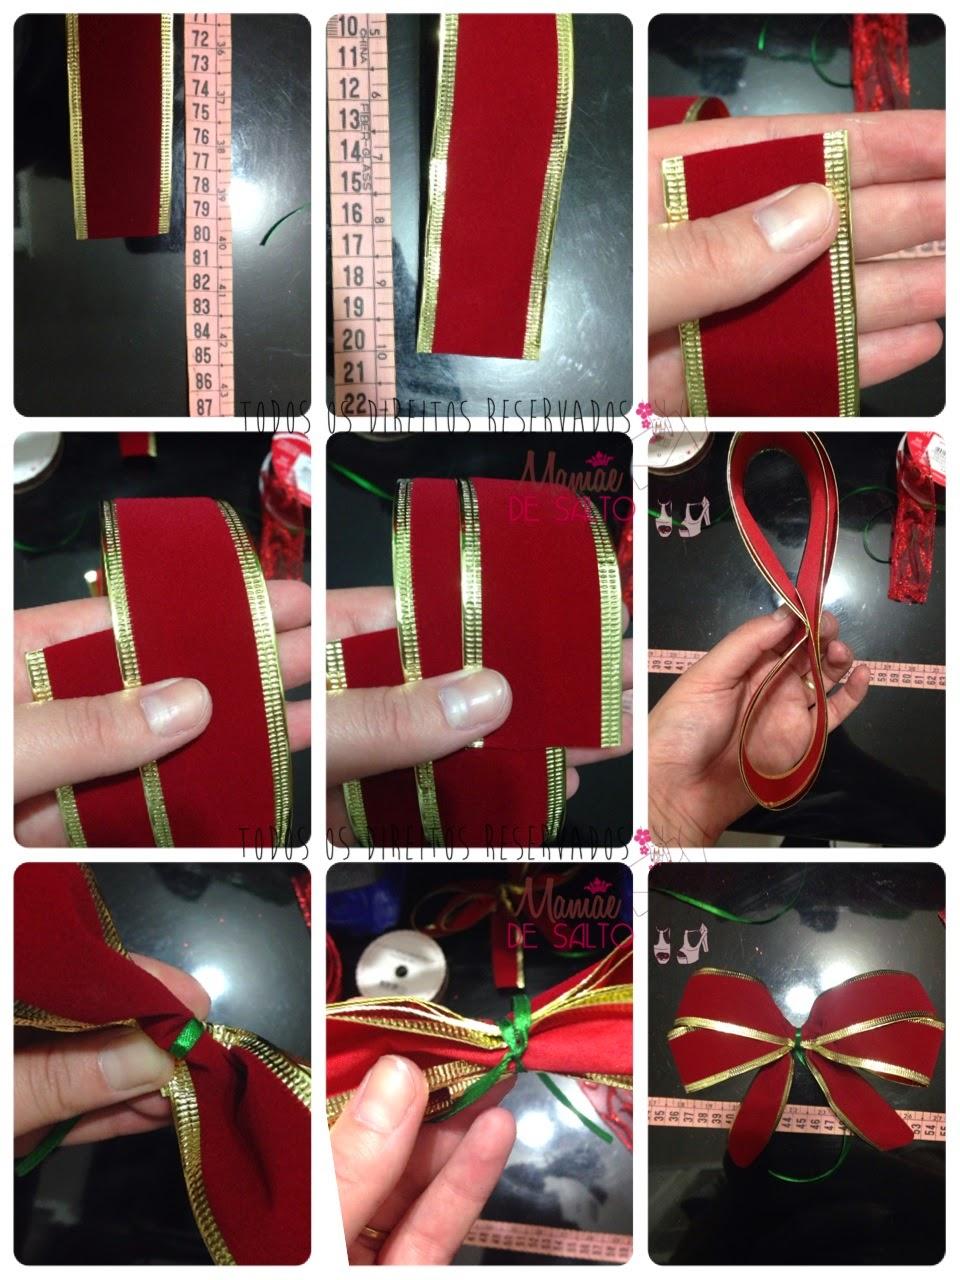 fotorial foto tutorial de como fazer laço para o Natal => todos os direitos reservados blog Mamãe de Salto